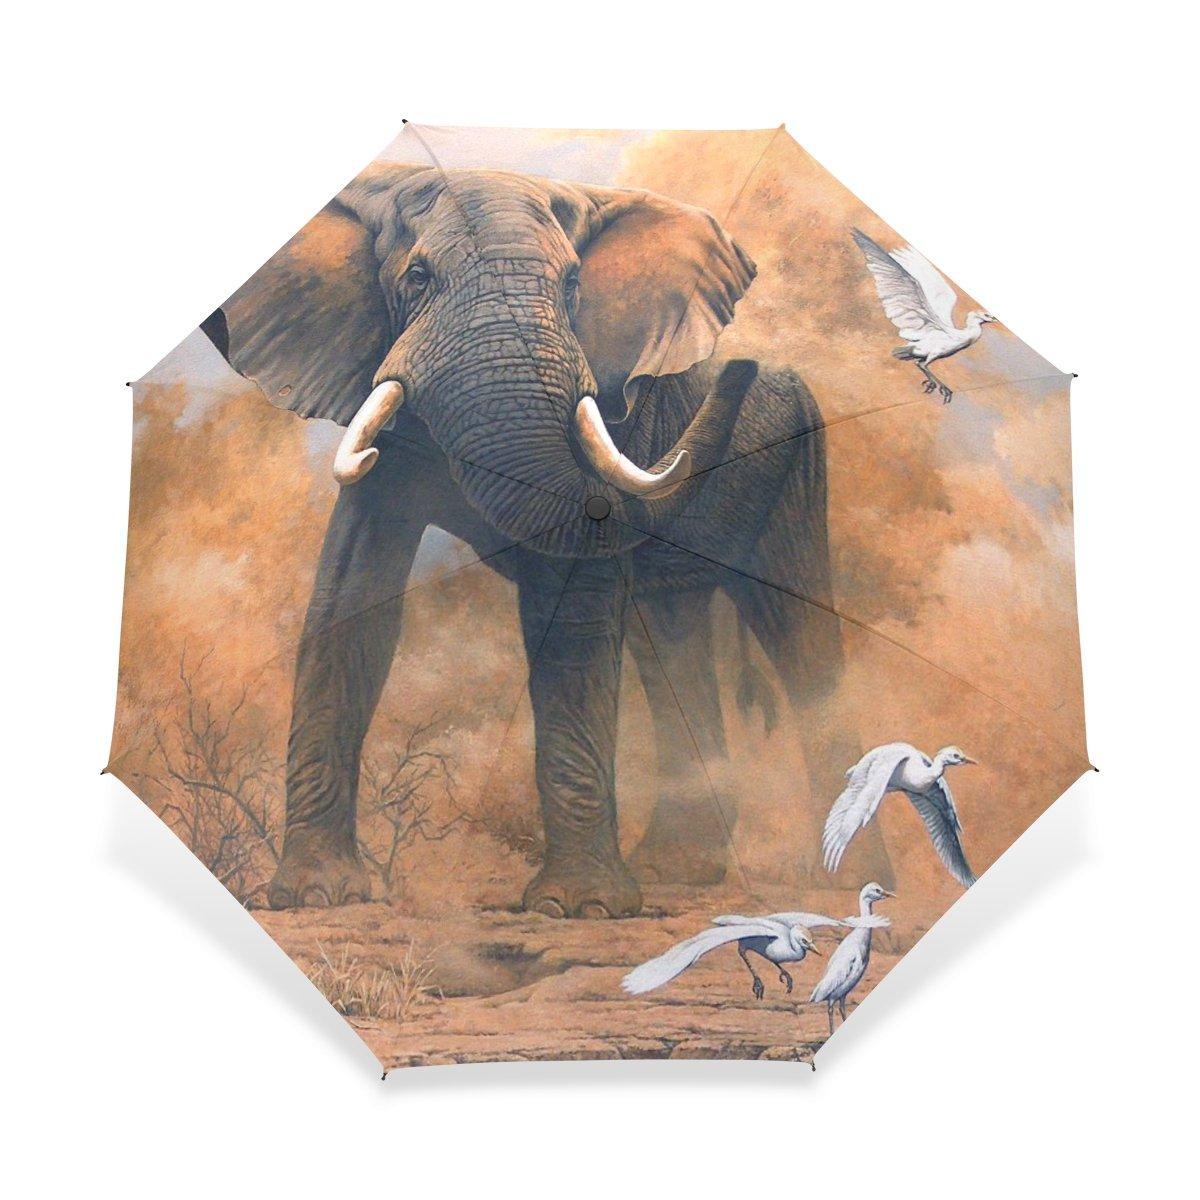 baihuishop防風ゴルフ傘、コンパクトで旅行for Easy Carryingスポーツ雨傘 – 強力なフレーム壊れない象アートパターン   B01FXH9K6E